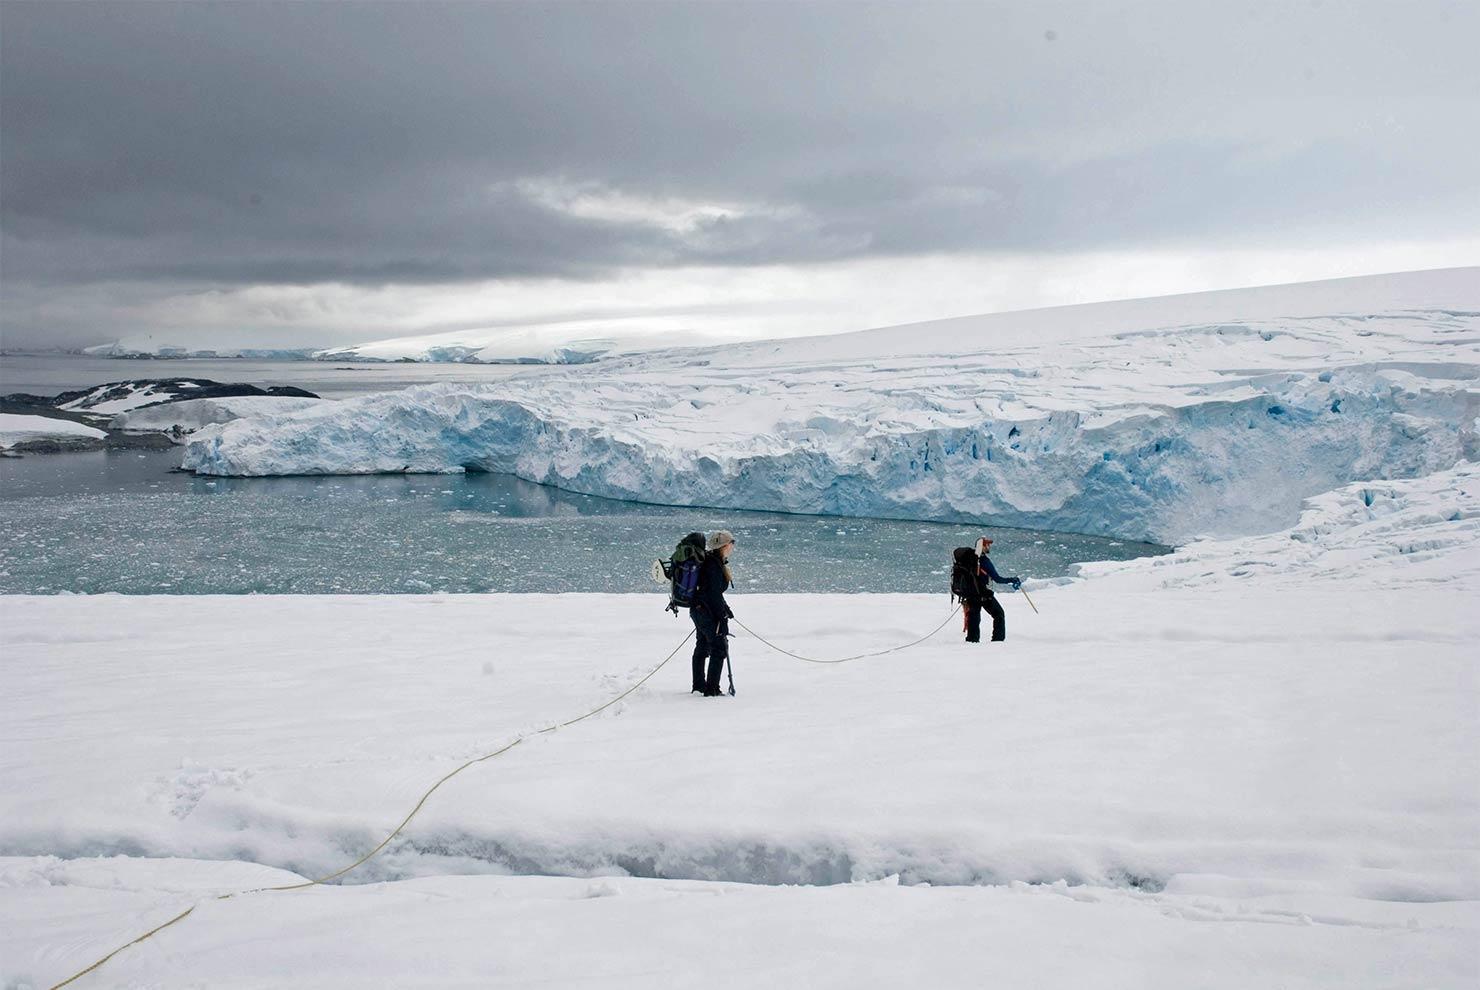 南極アラスカの氷床「クレバス」で聴く水の音、効果音、電子音楽のような音。未知の音の採取